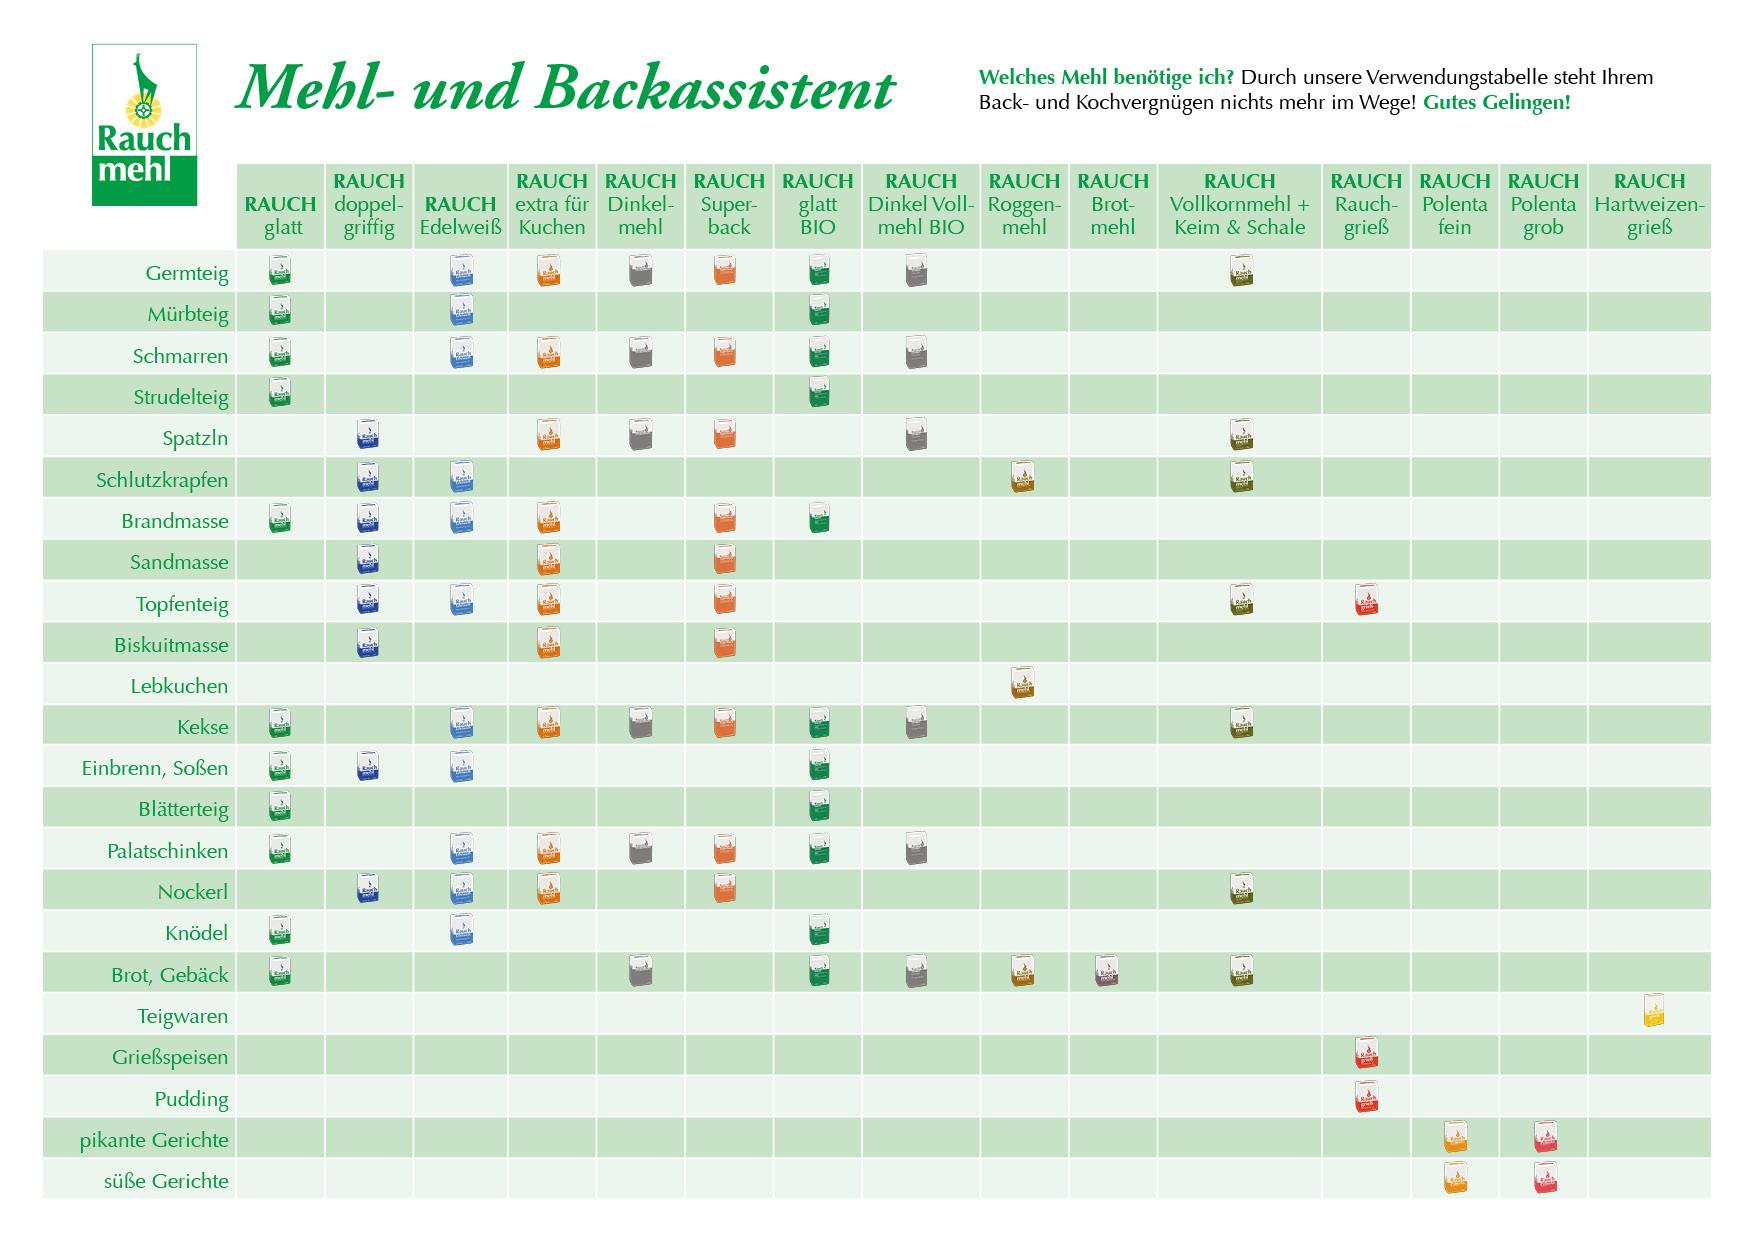 Mehl- und Backassistent / Rauchmühle Innsbruck / Rauchmehl